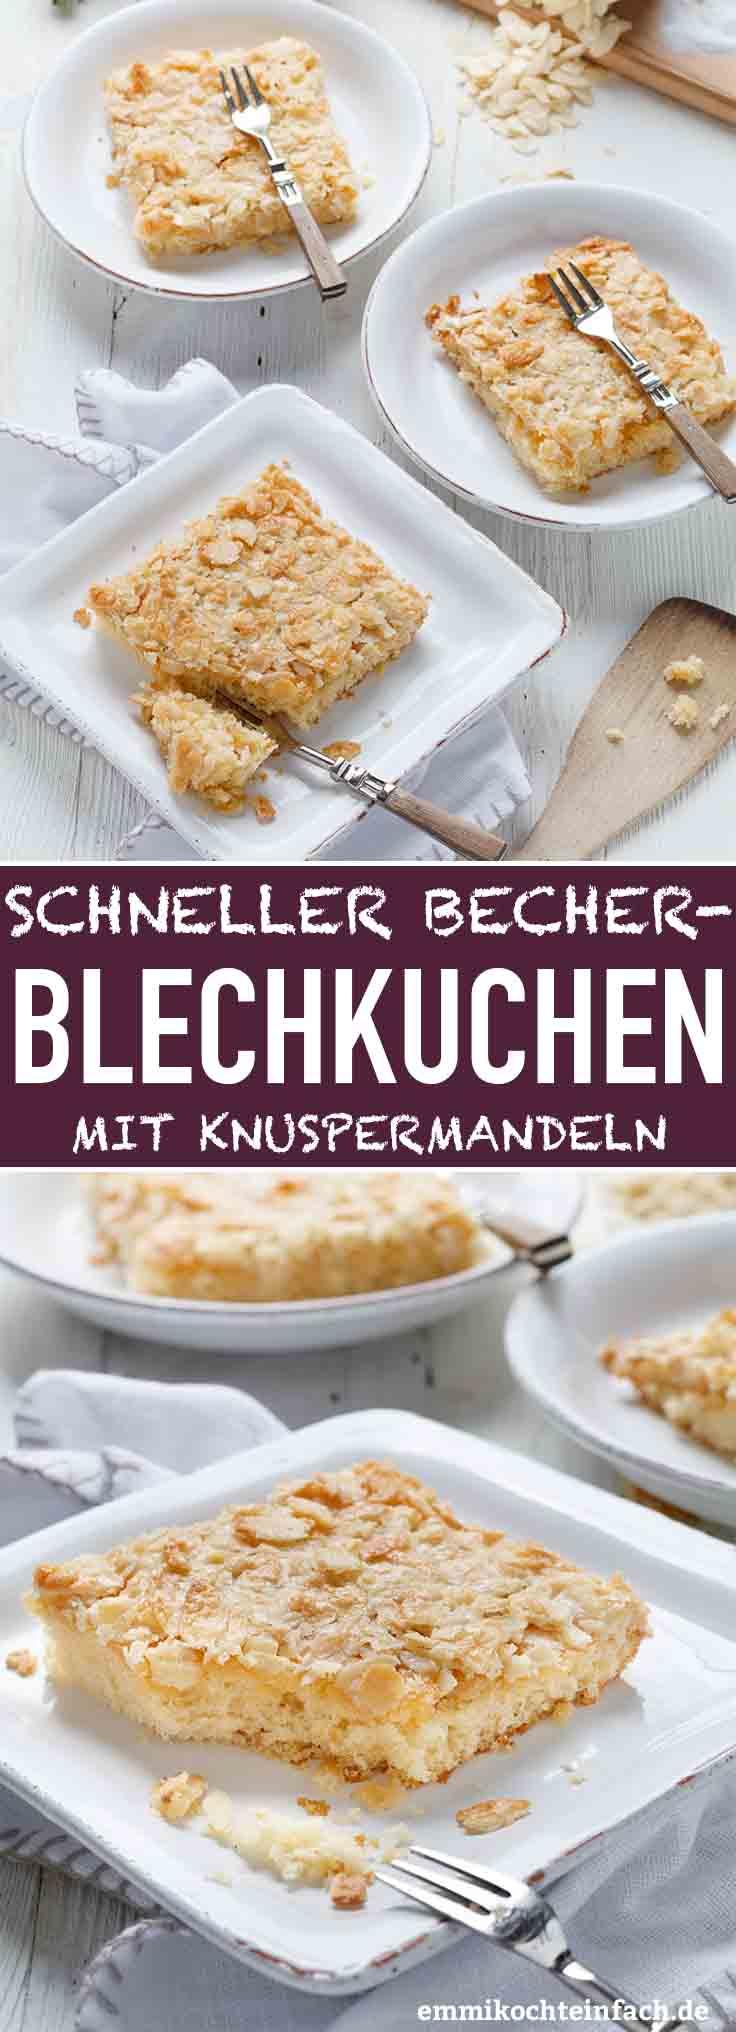 Schneller Becherkuchen mit Knuspermandeln - www.emmikochteinfach.de